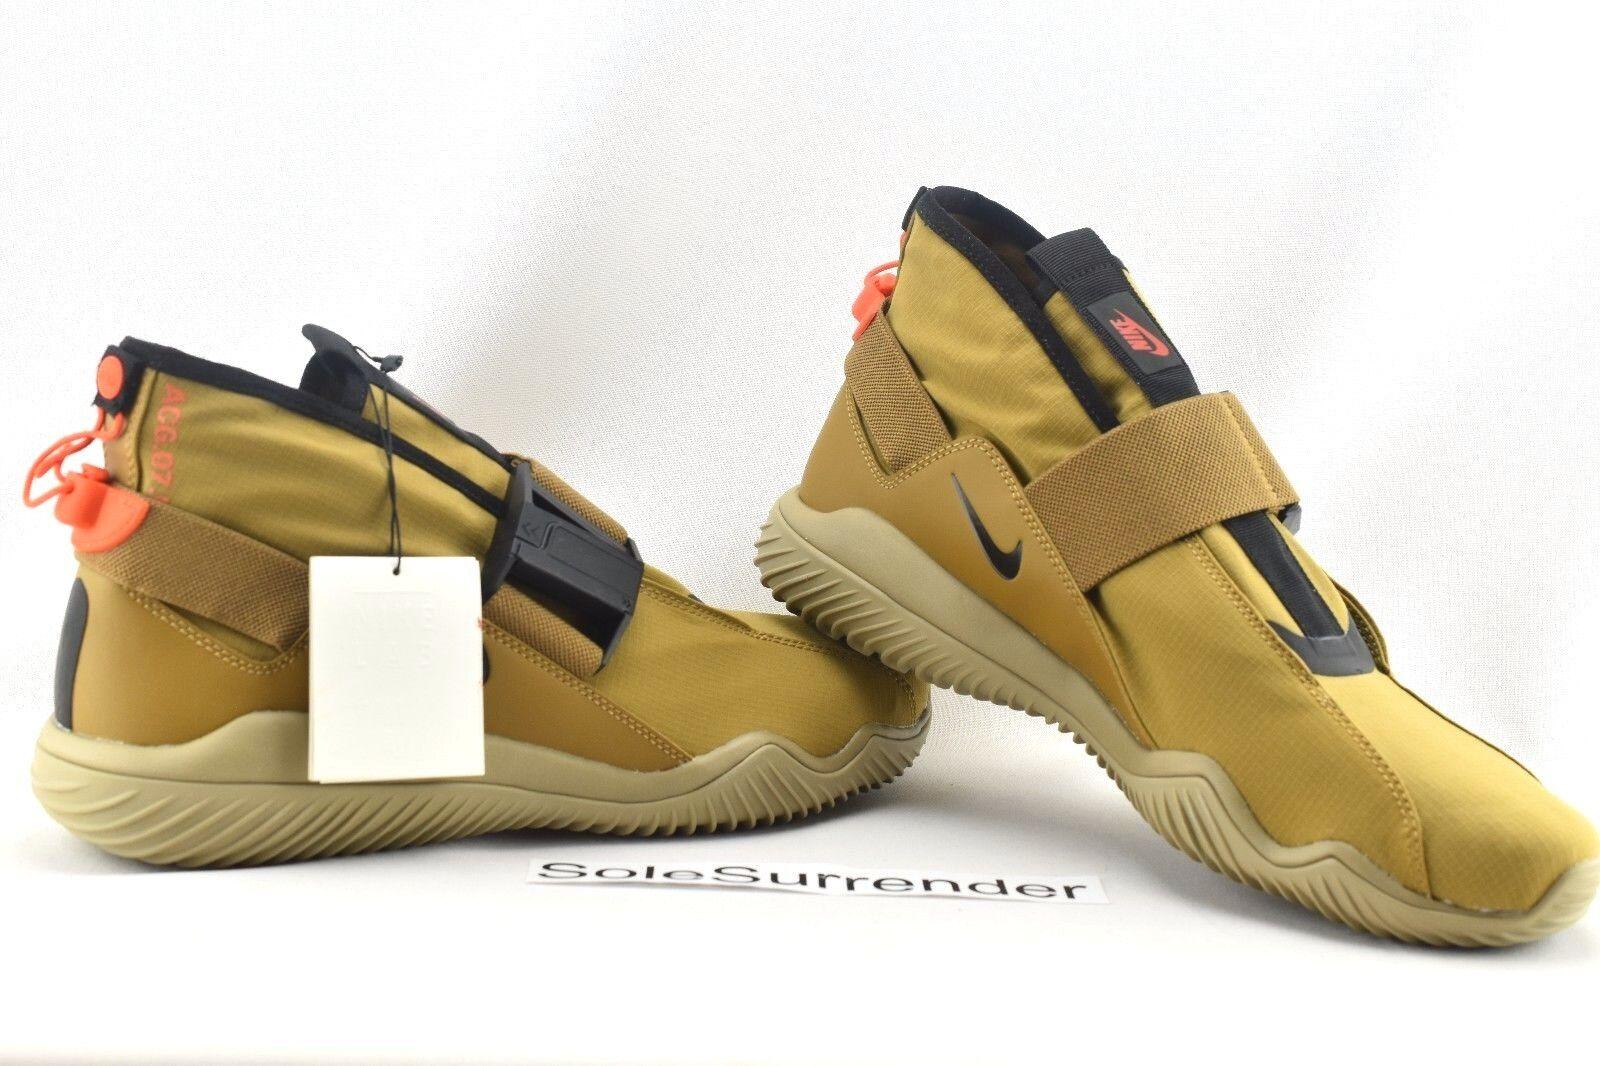 NikeLab ACG 07 KMTR - SIZE 9.5 - 902776-201 Wheat Flax Beige Black Khaki Tan Lab